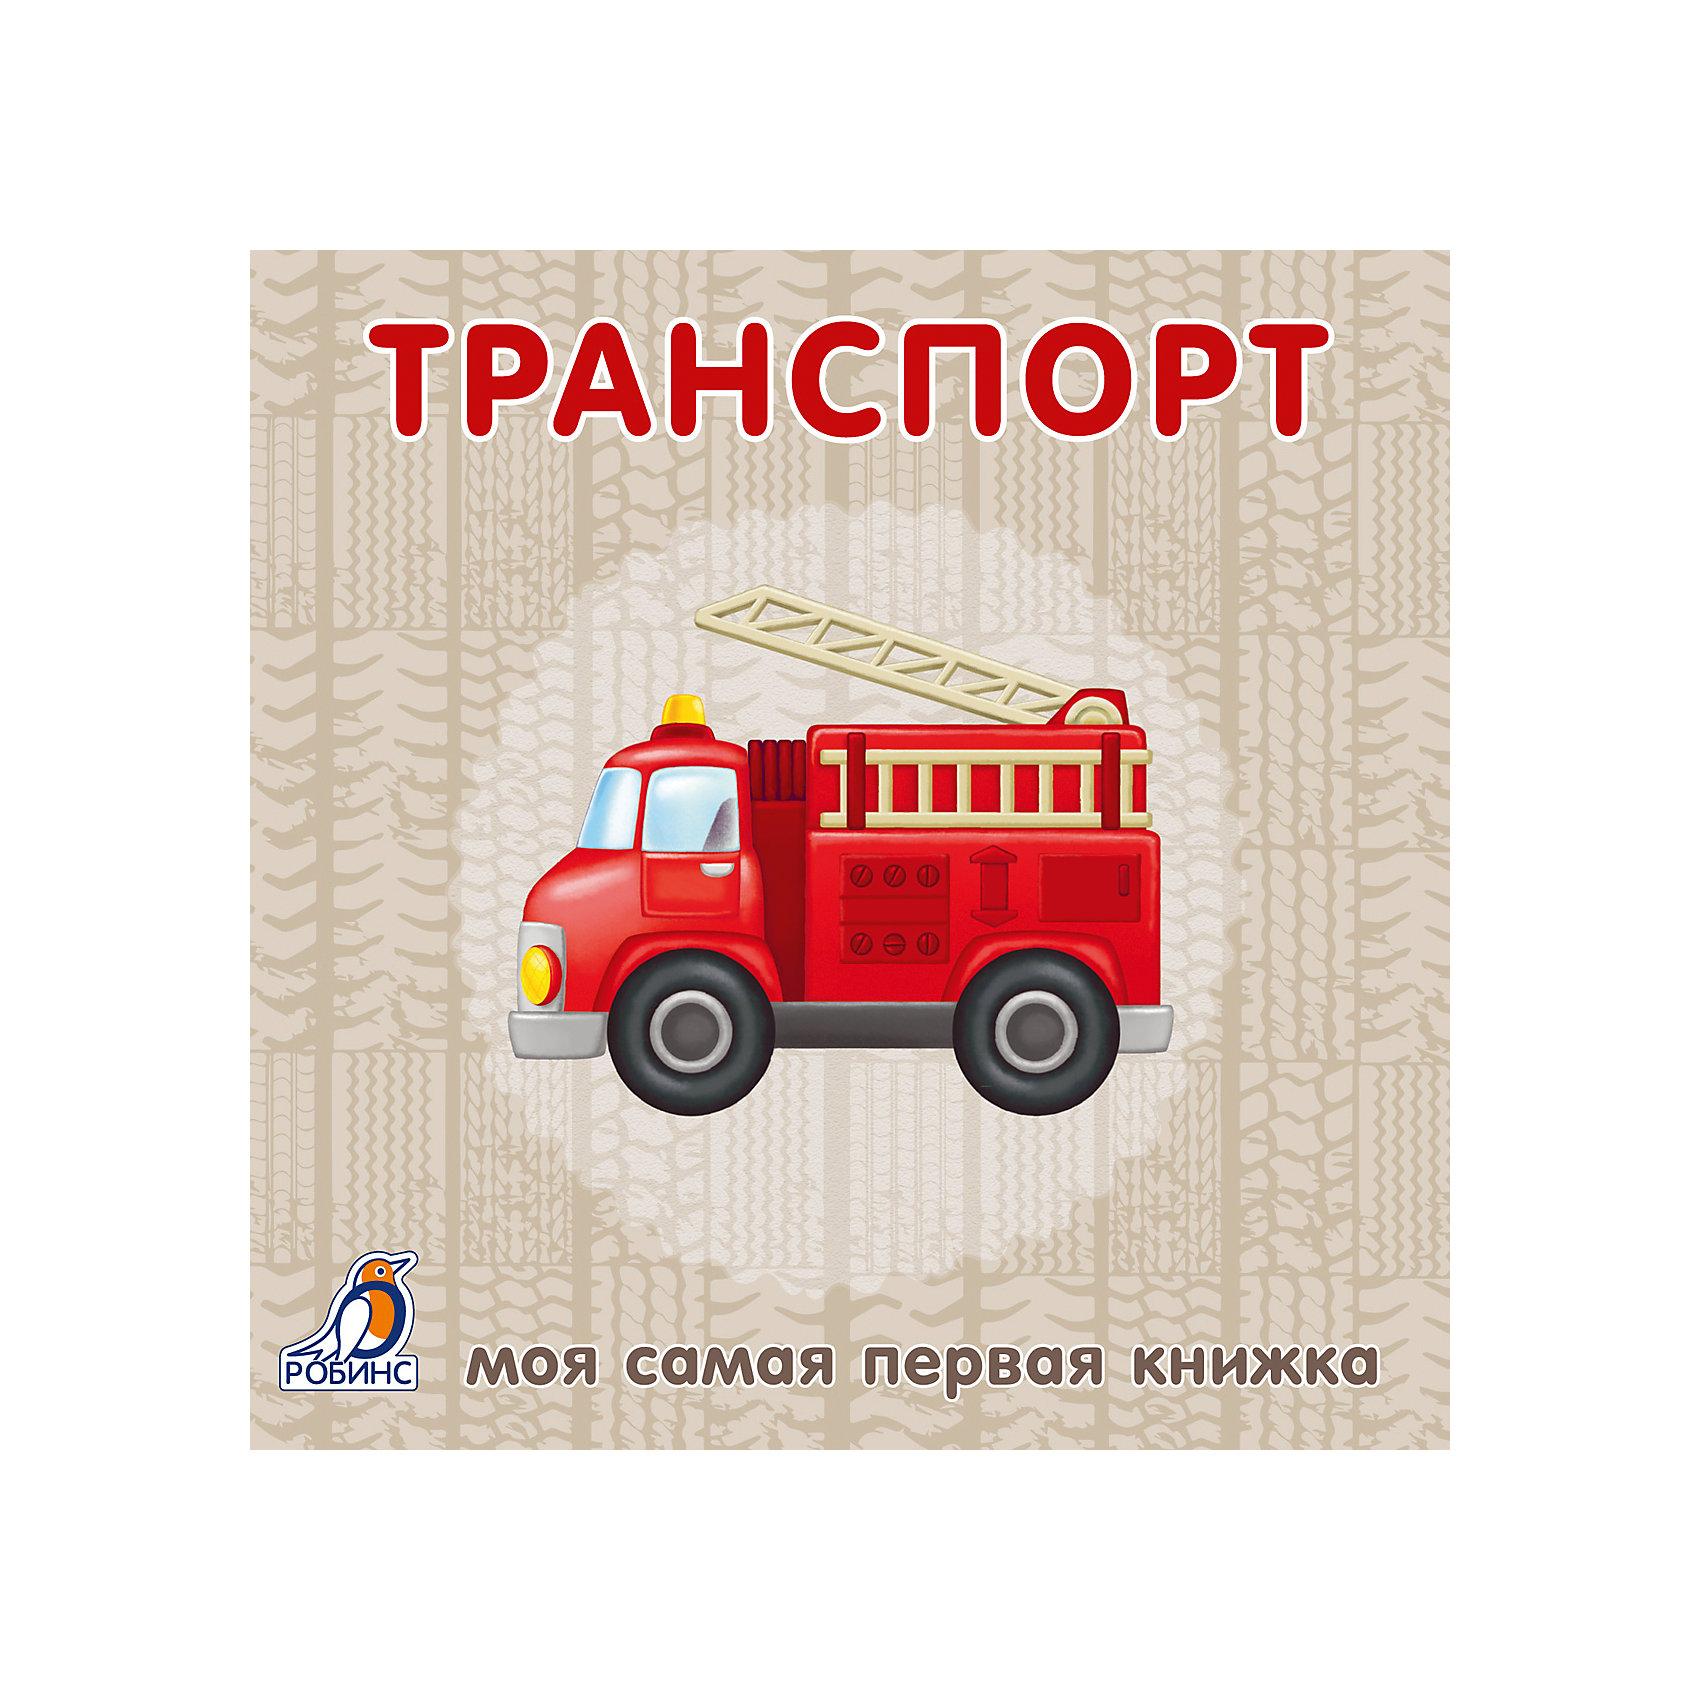 Первая книга малыша ТранспортПервая книга малыша Транспорт - это прекрасно проиллюстрированная книжка с плотными страницами, для самых маленьких детей.<br>Первая книга малыша Транспорт- настоящая находка для любопытного и любознательного ребенка. На каждой страничке книжки ваш малыш найдет яркие картинки и познакомится с различными видами транспорта. С книжкой малыш весело проведет время и пополнит свой словарный запас и кругозор, повысит эмоциональную активность. Странички книжки сделаны из очень плотного материала. На каждой странице большие яркие картинки, которые развивают вкус и эстетическое восприятие ребенка.<br><br>Дополнительная информация:<br><br>- Книга предназначена для детей от 1 года<br>- Редактор: Гагарина М. <br>- Художник-иллюстратор: Митченко Юлия<br>- Издательство: Робинс<br>- Картонная обложка, картонные страницы<br>- Страниц: 12<br>- Иллюстрации: цветные<br>- Размер: 140 x 140 x 15 мм.<br>- Вес: 188 гр.<br><br>Первую книгу малыша Транспорт можно купить в нашем интернет-магазине.<br><br>Ширина мм: 140<br>Глубина мм: 140<br>Высота мм: 15<br>Вес г: 188<br>Возраст от месяцев: 0<br>Возраст до месяцев: 36<br>Пол: Унисекс<br>Возраст: Детский<br>SKU: 4236111